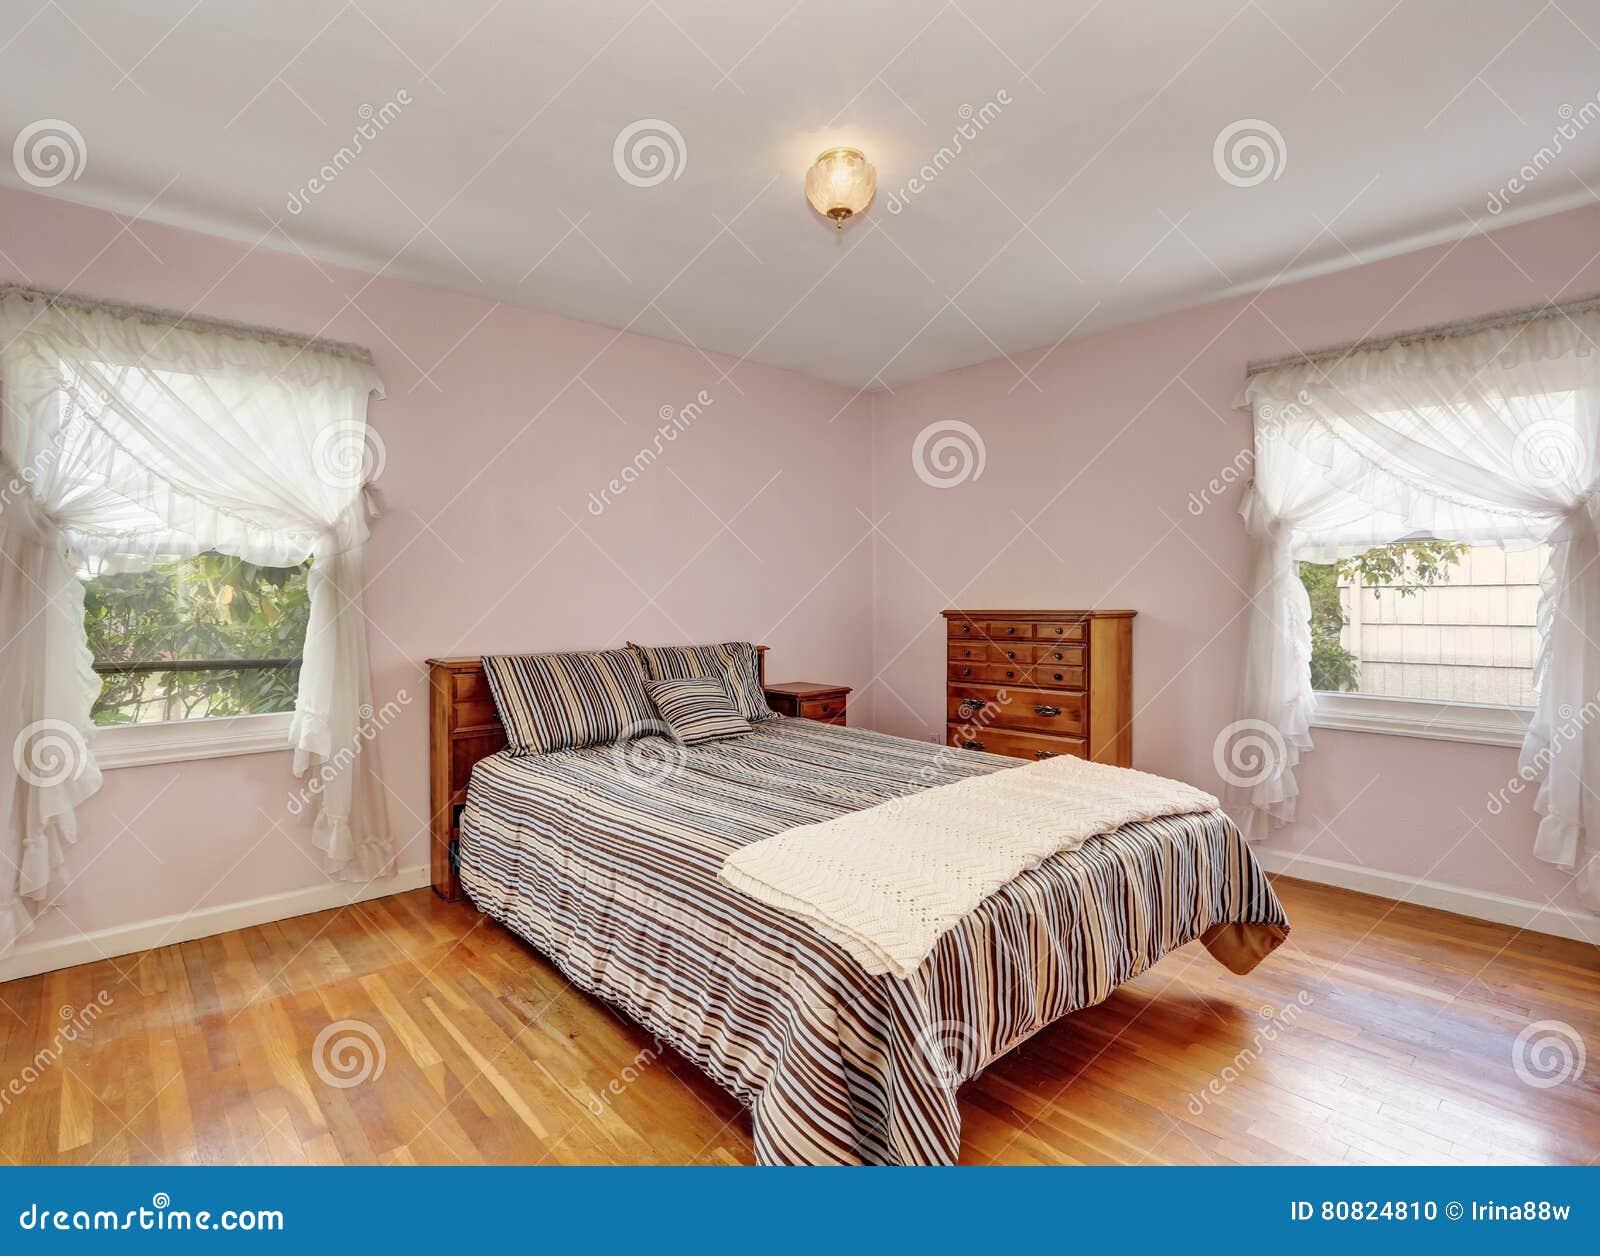 Parete Camera Da Letto Rosa : Interno della camera da letto con il pavimento di legno duro e le